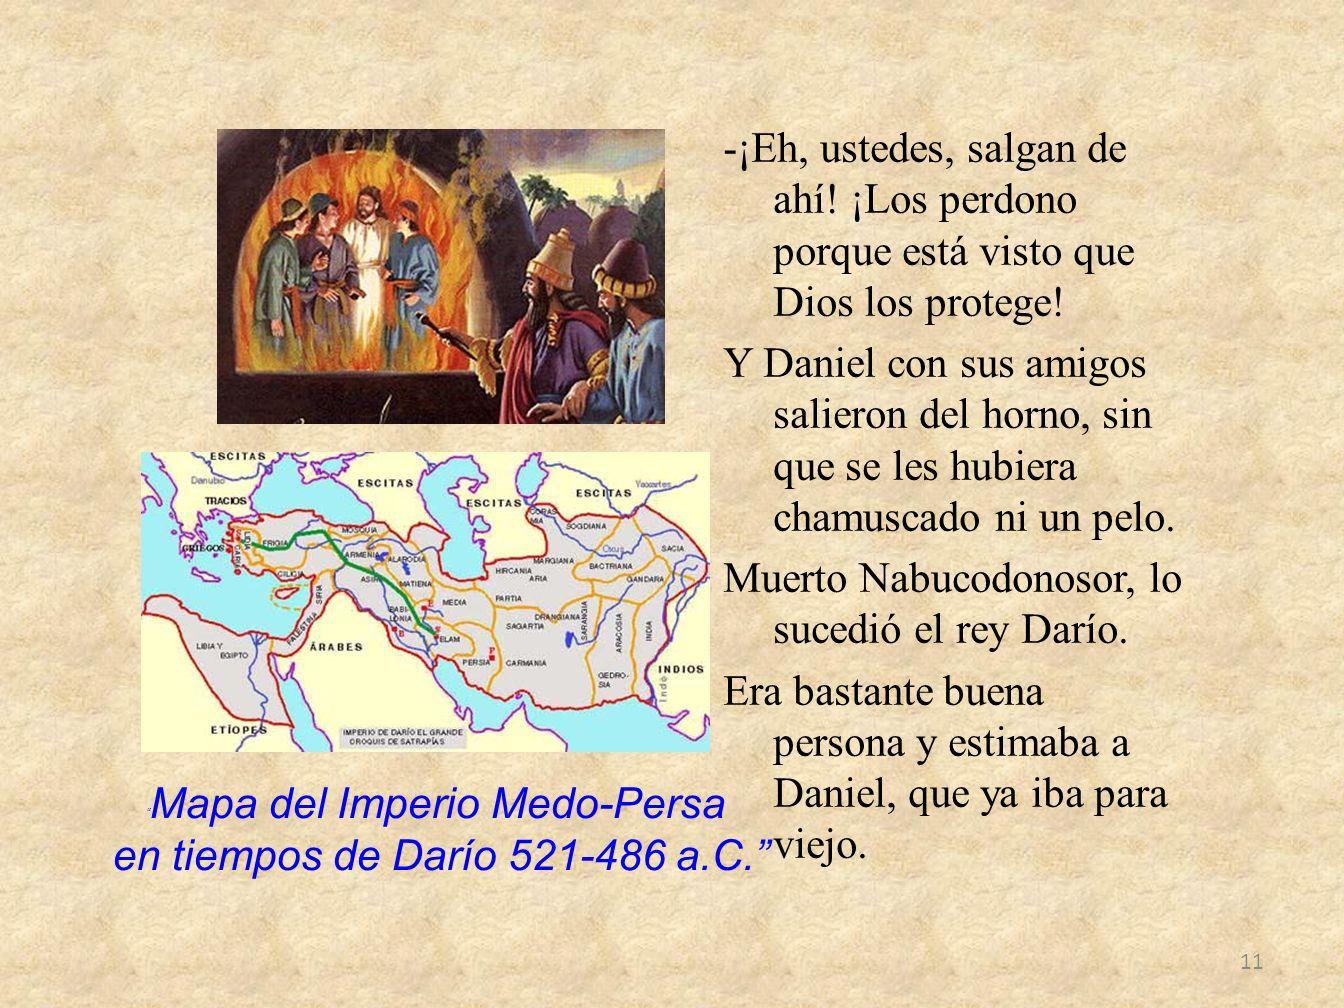 Mapa del Imperio Medo-Persa en tiempos de Darío 521-486 a.C.